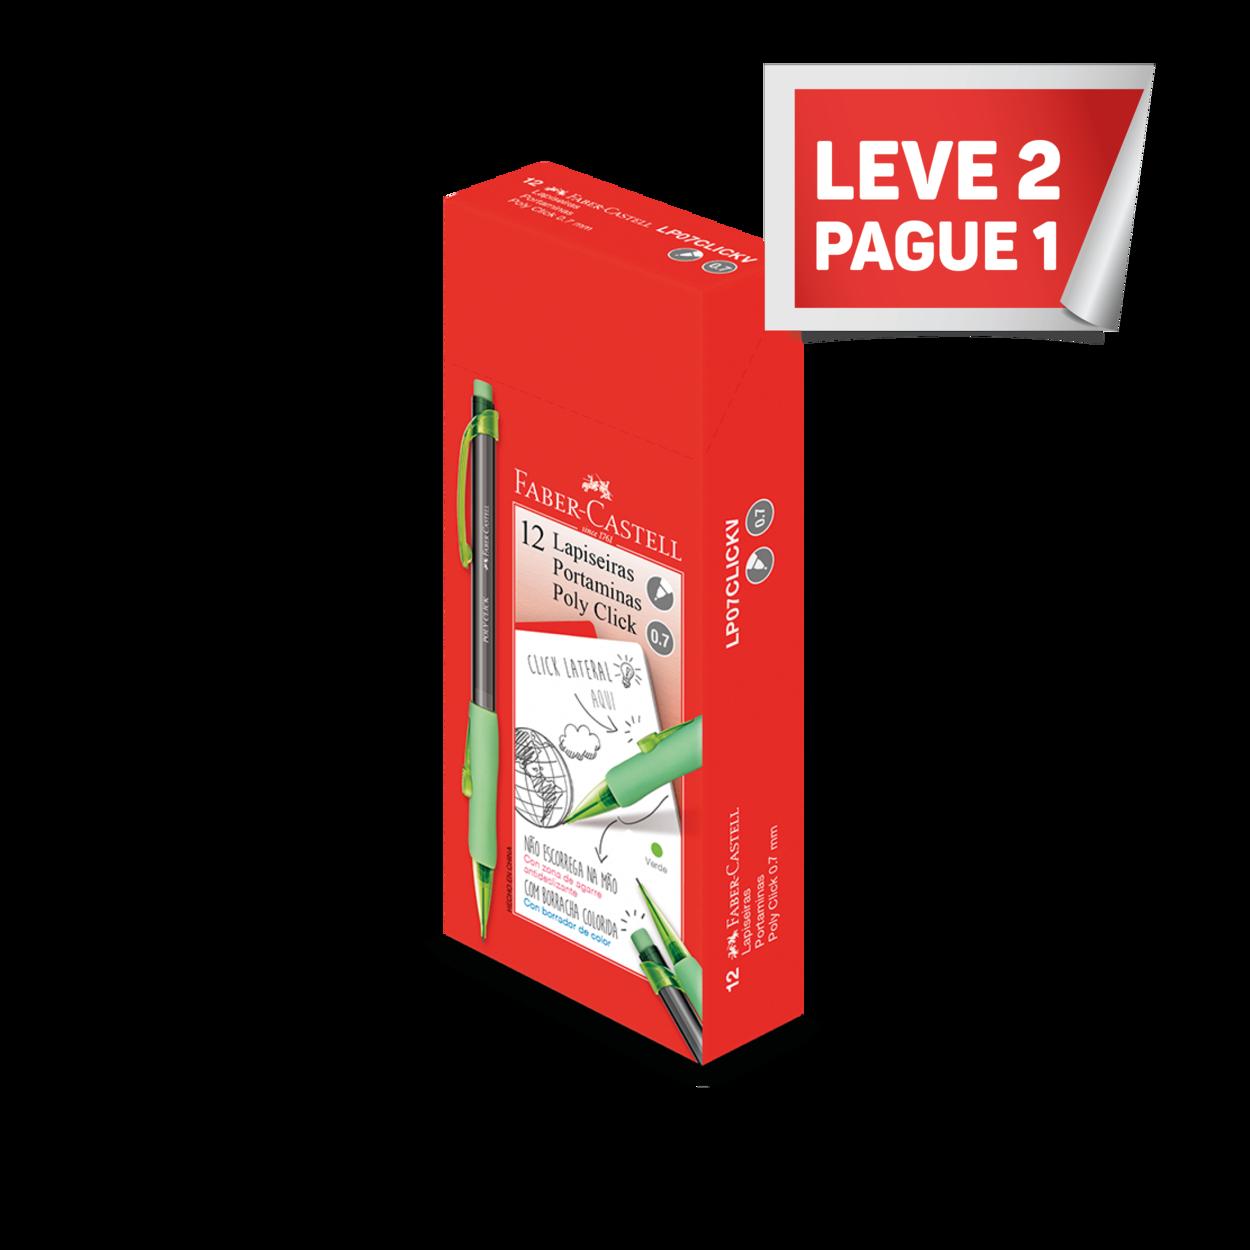 Leve 2 Pague 1 Lapiseira Poly Click 0.7mm Verde (12 Unid/cada) - LP07CLICKV